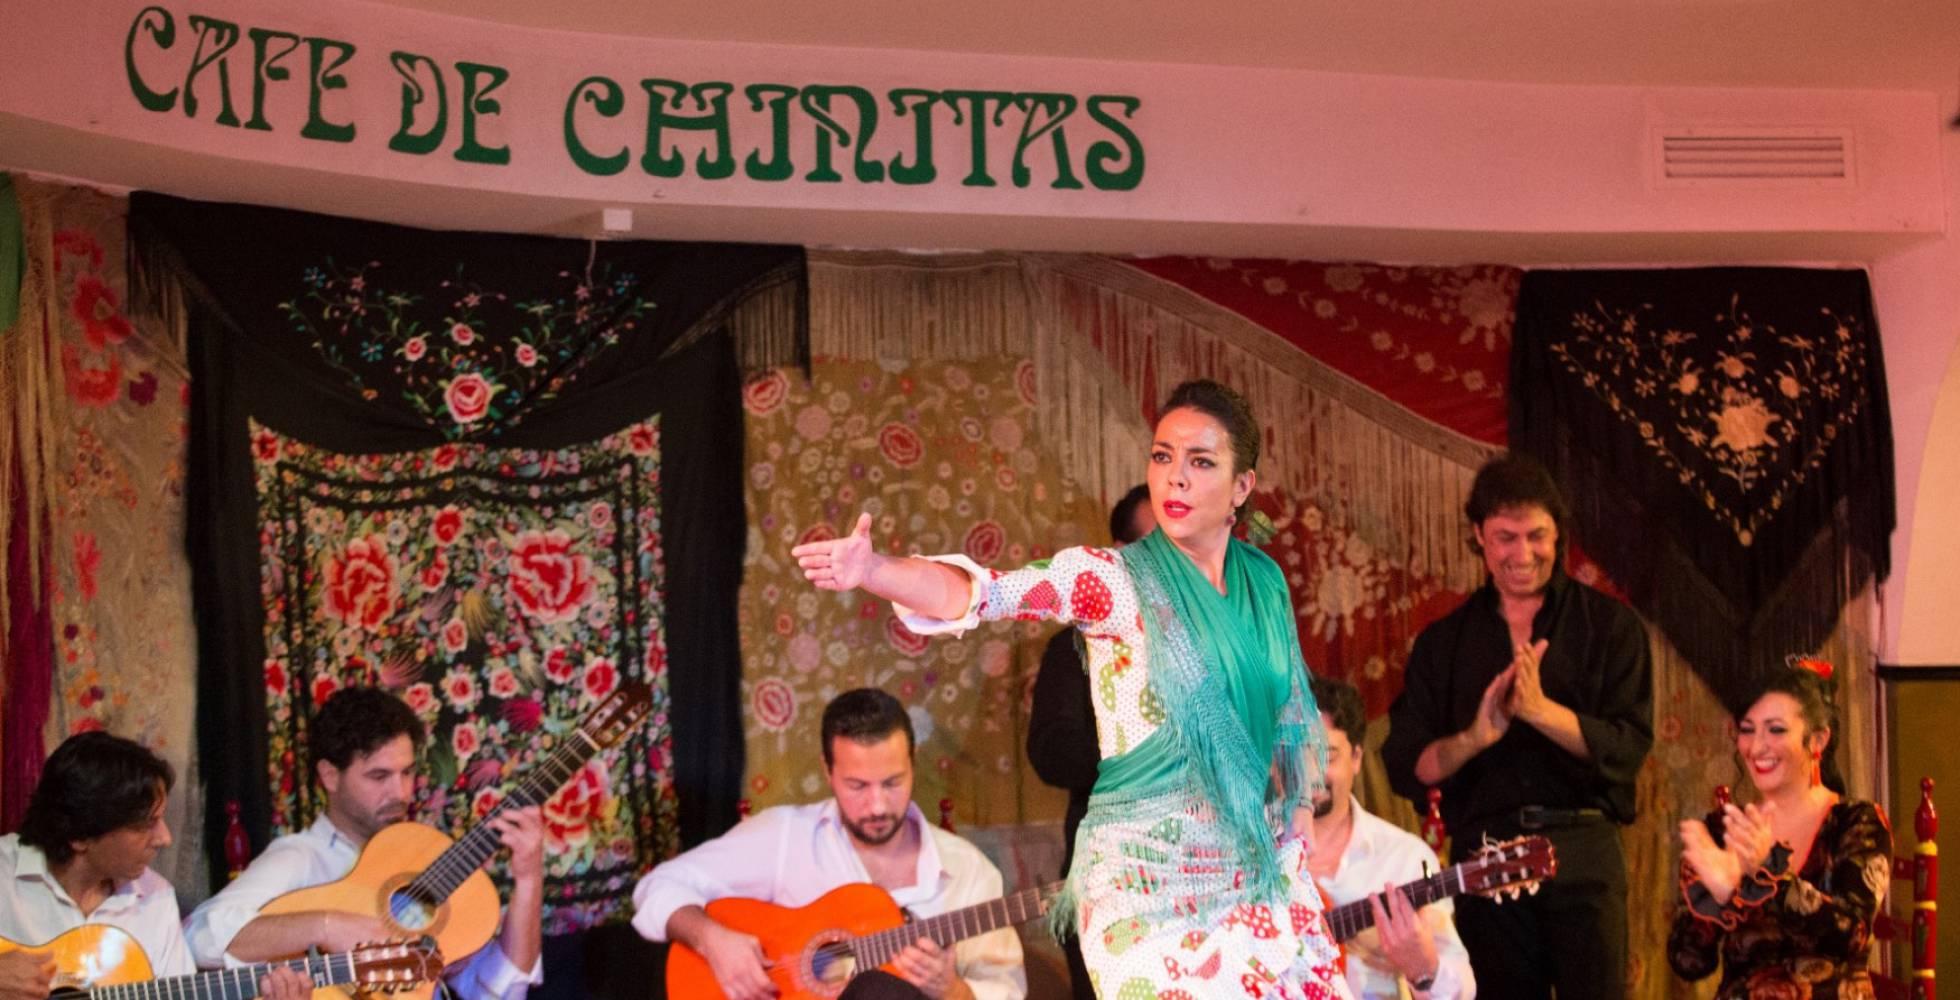 Sale a subasta por 150 euros la marca del Café de Chinitas